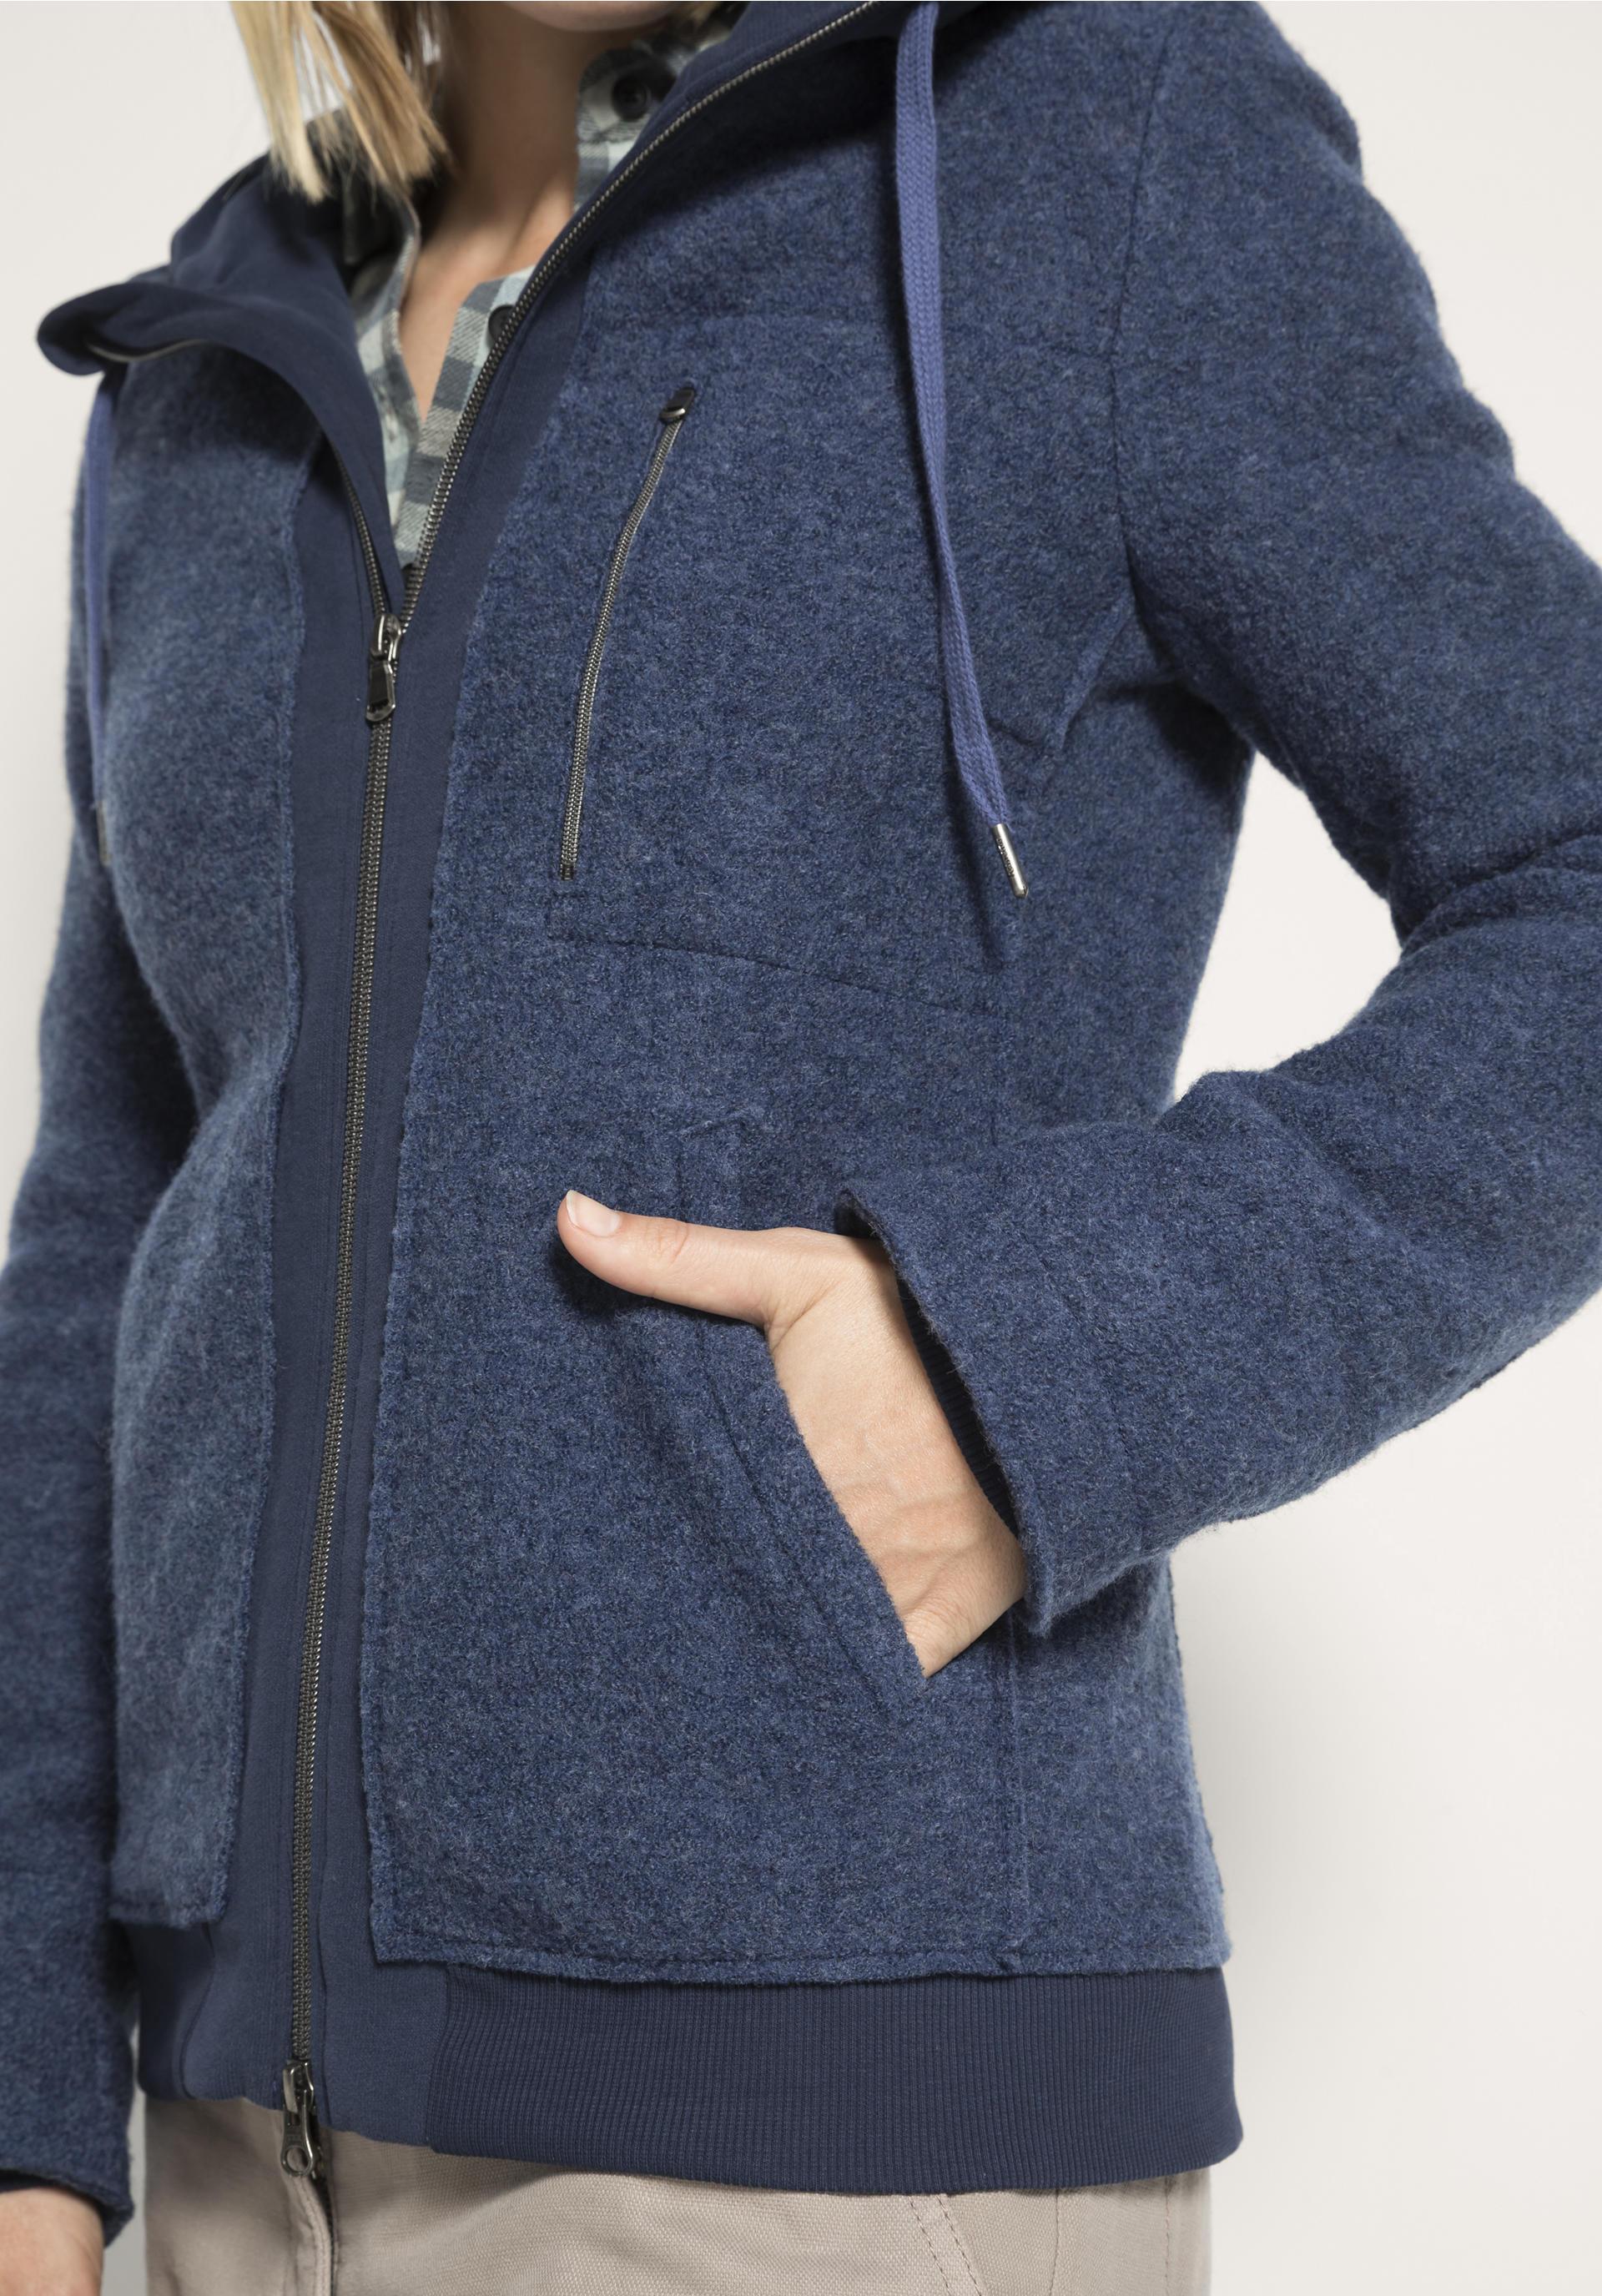 Damen Walk Jacke aus reiner Schurwolle von hessnatur